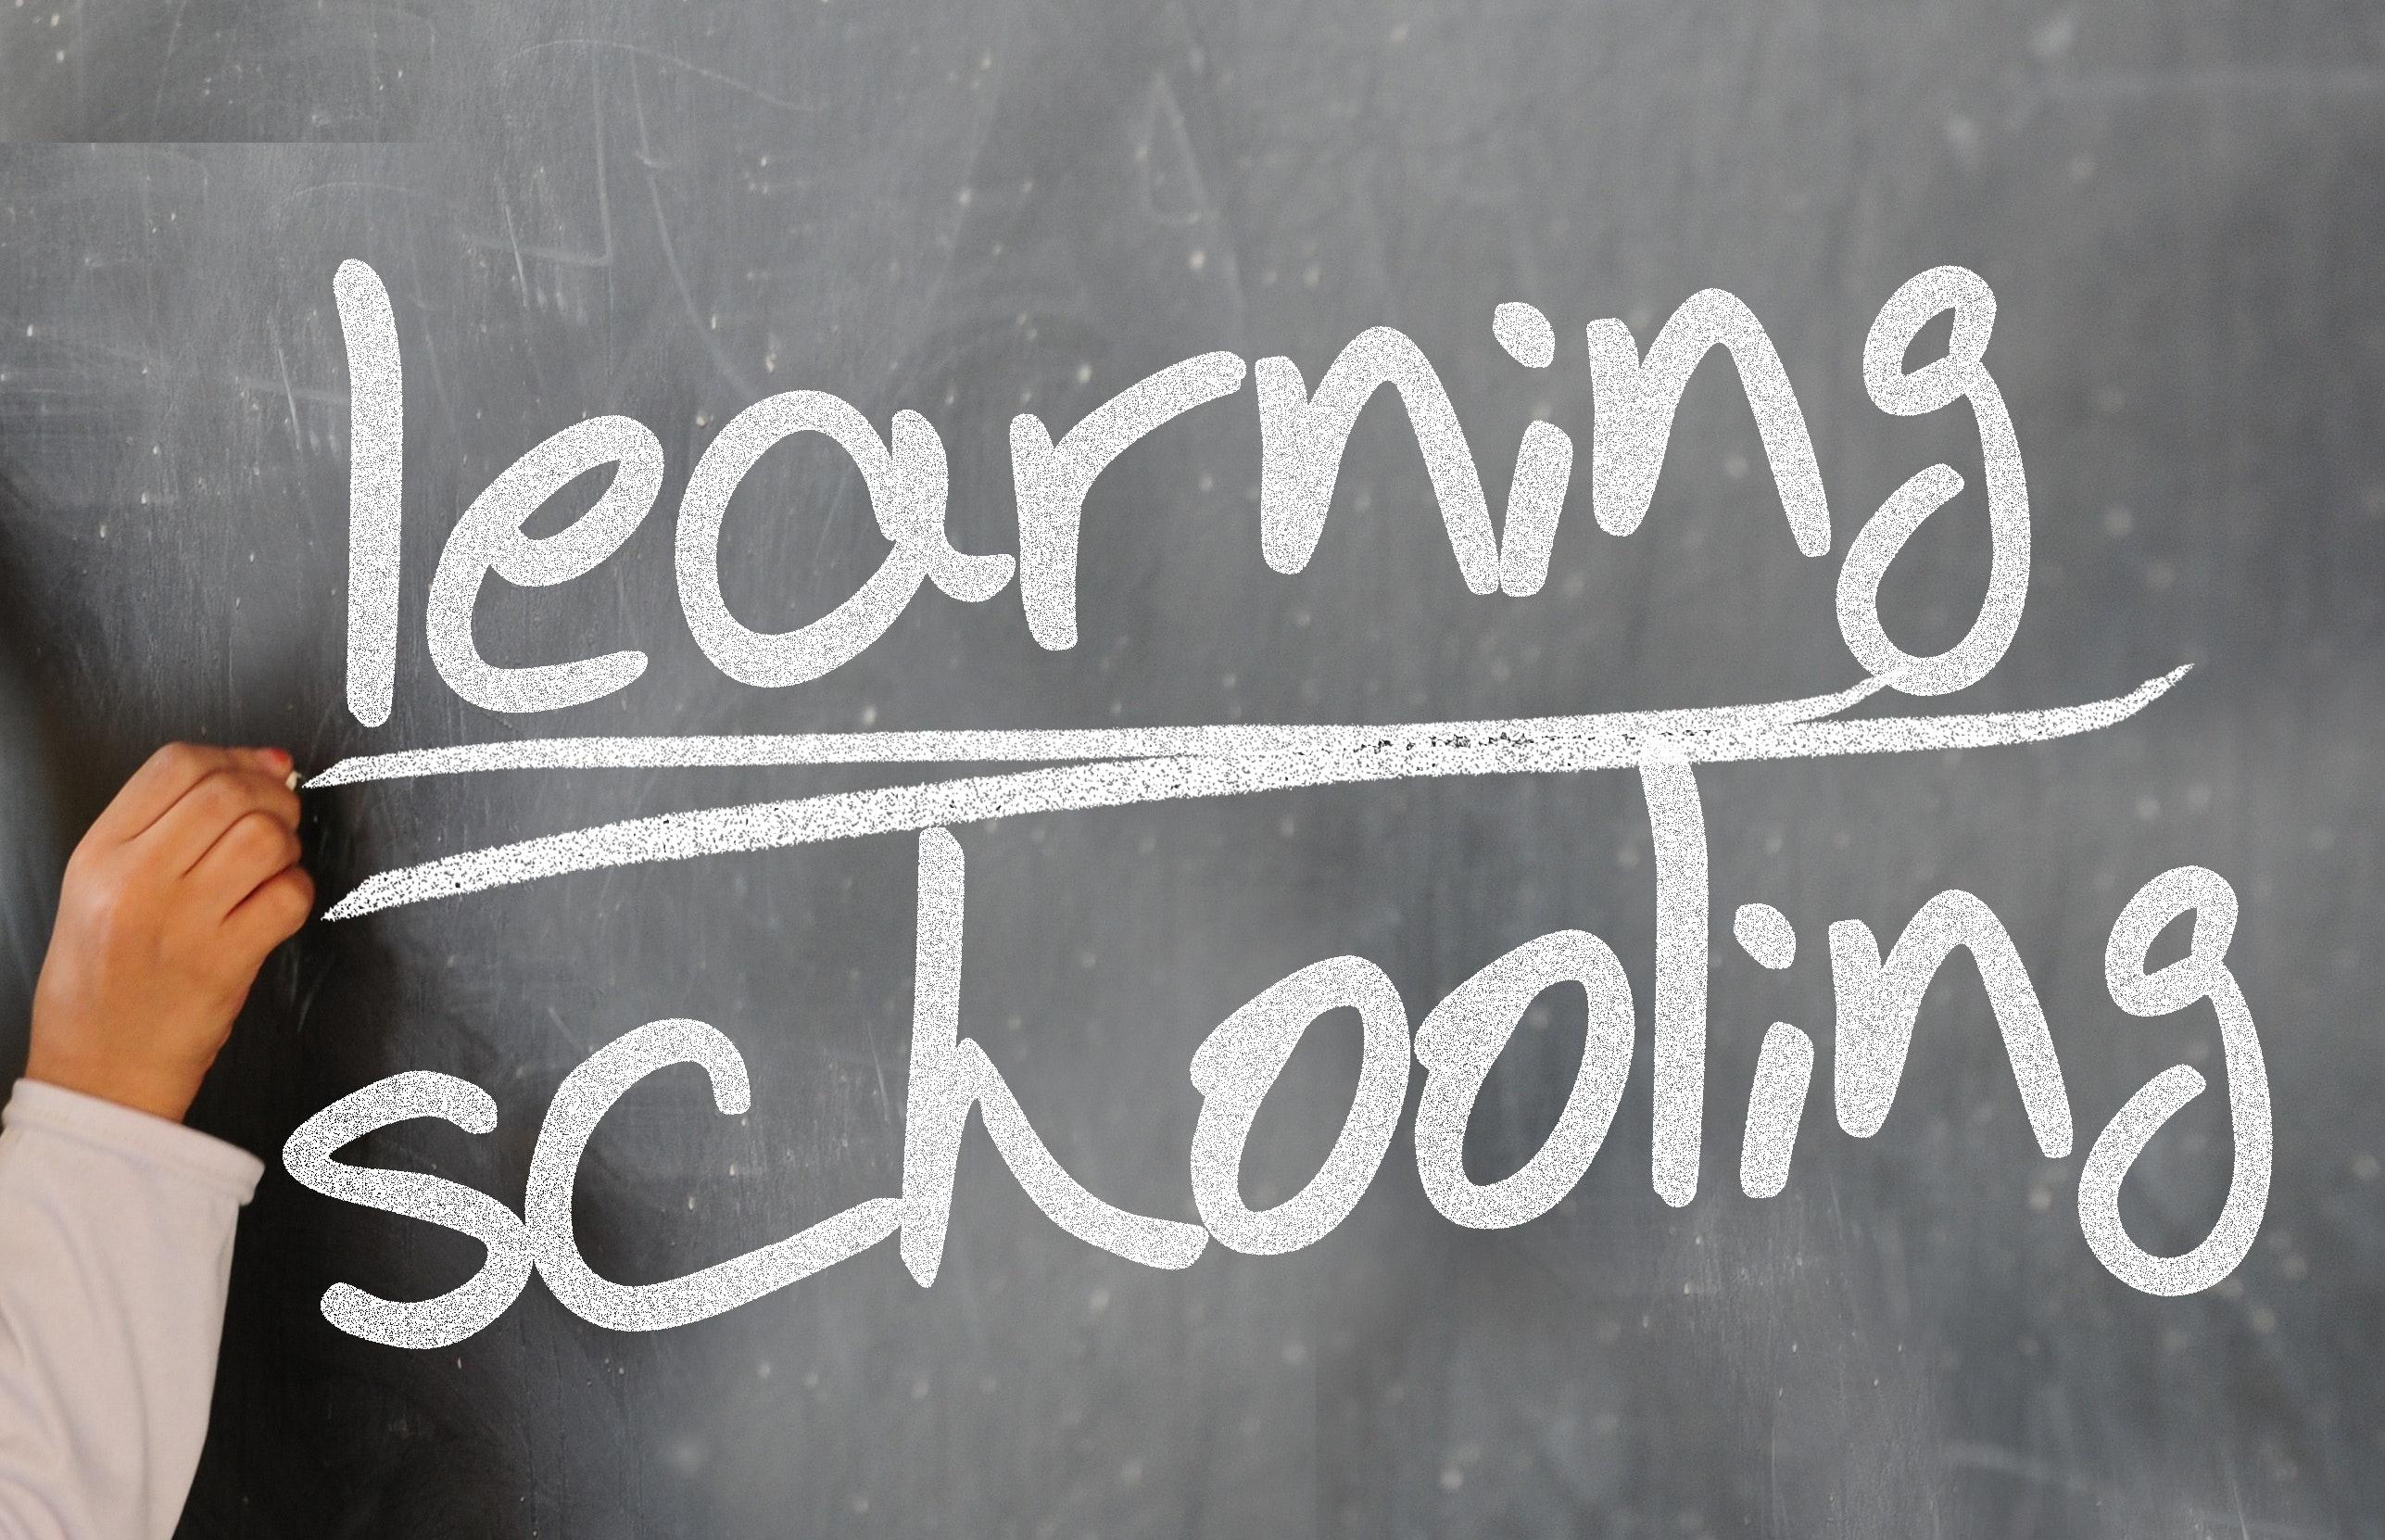 Webデザイナーを目指すための必須スキル・学校の選び方をご紹介!